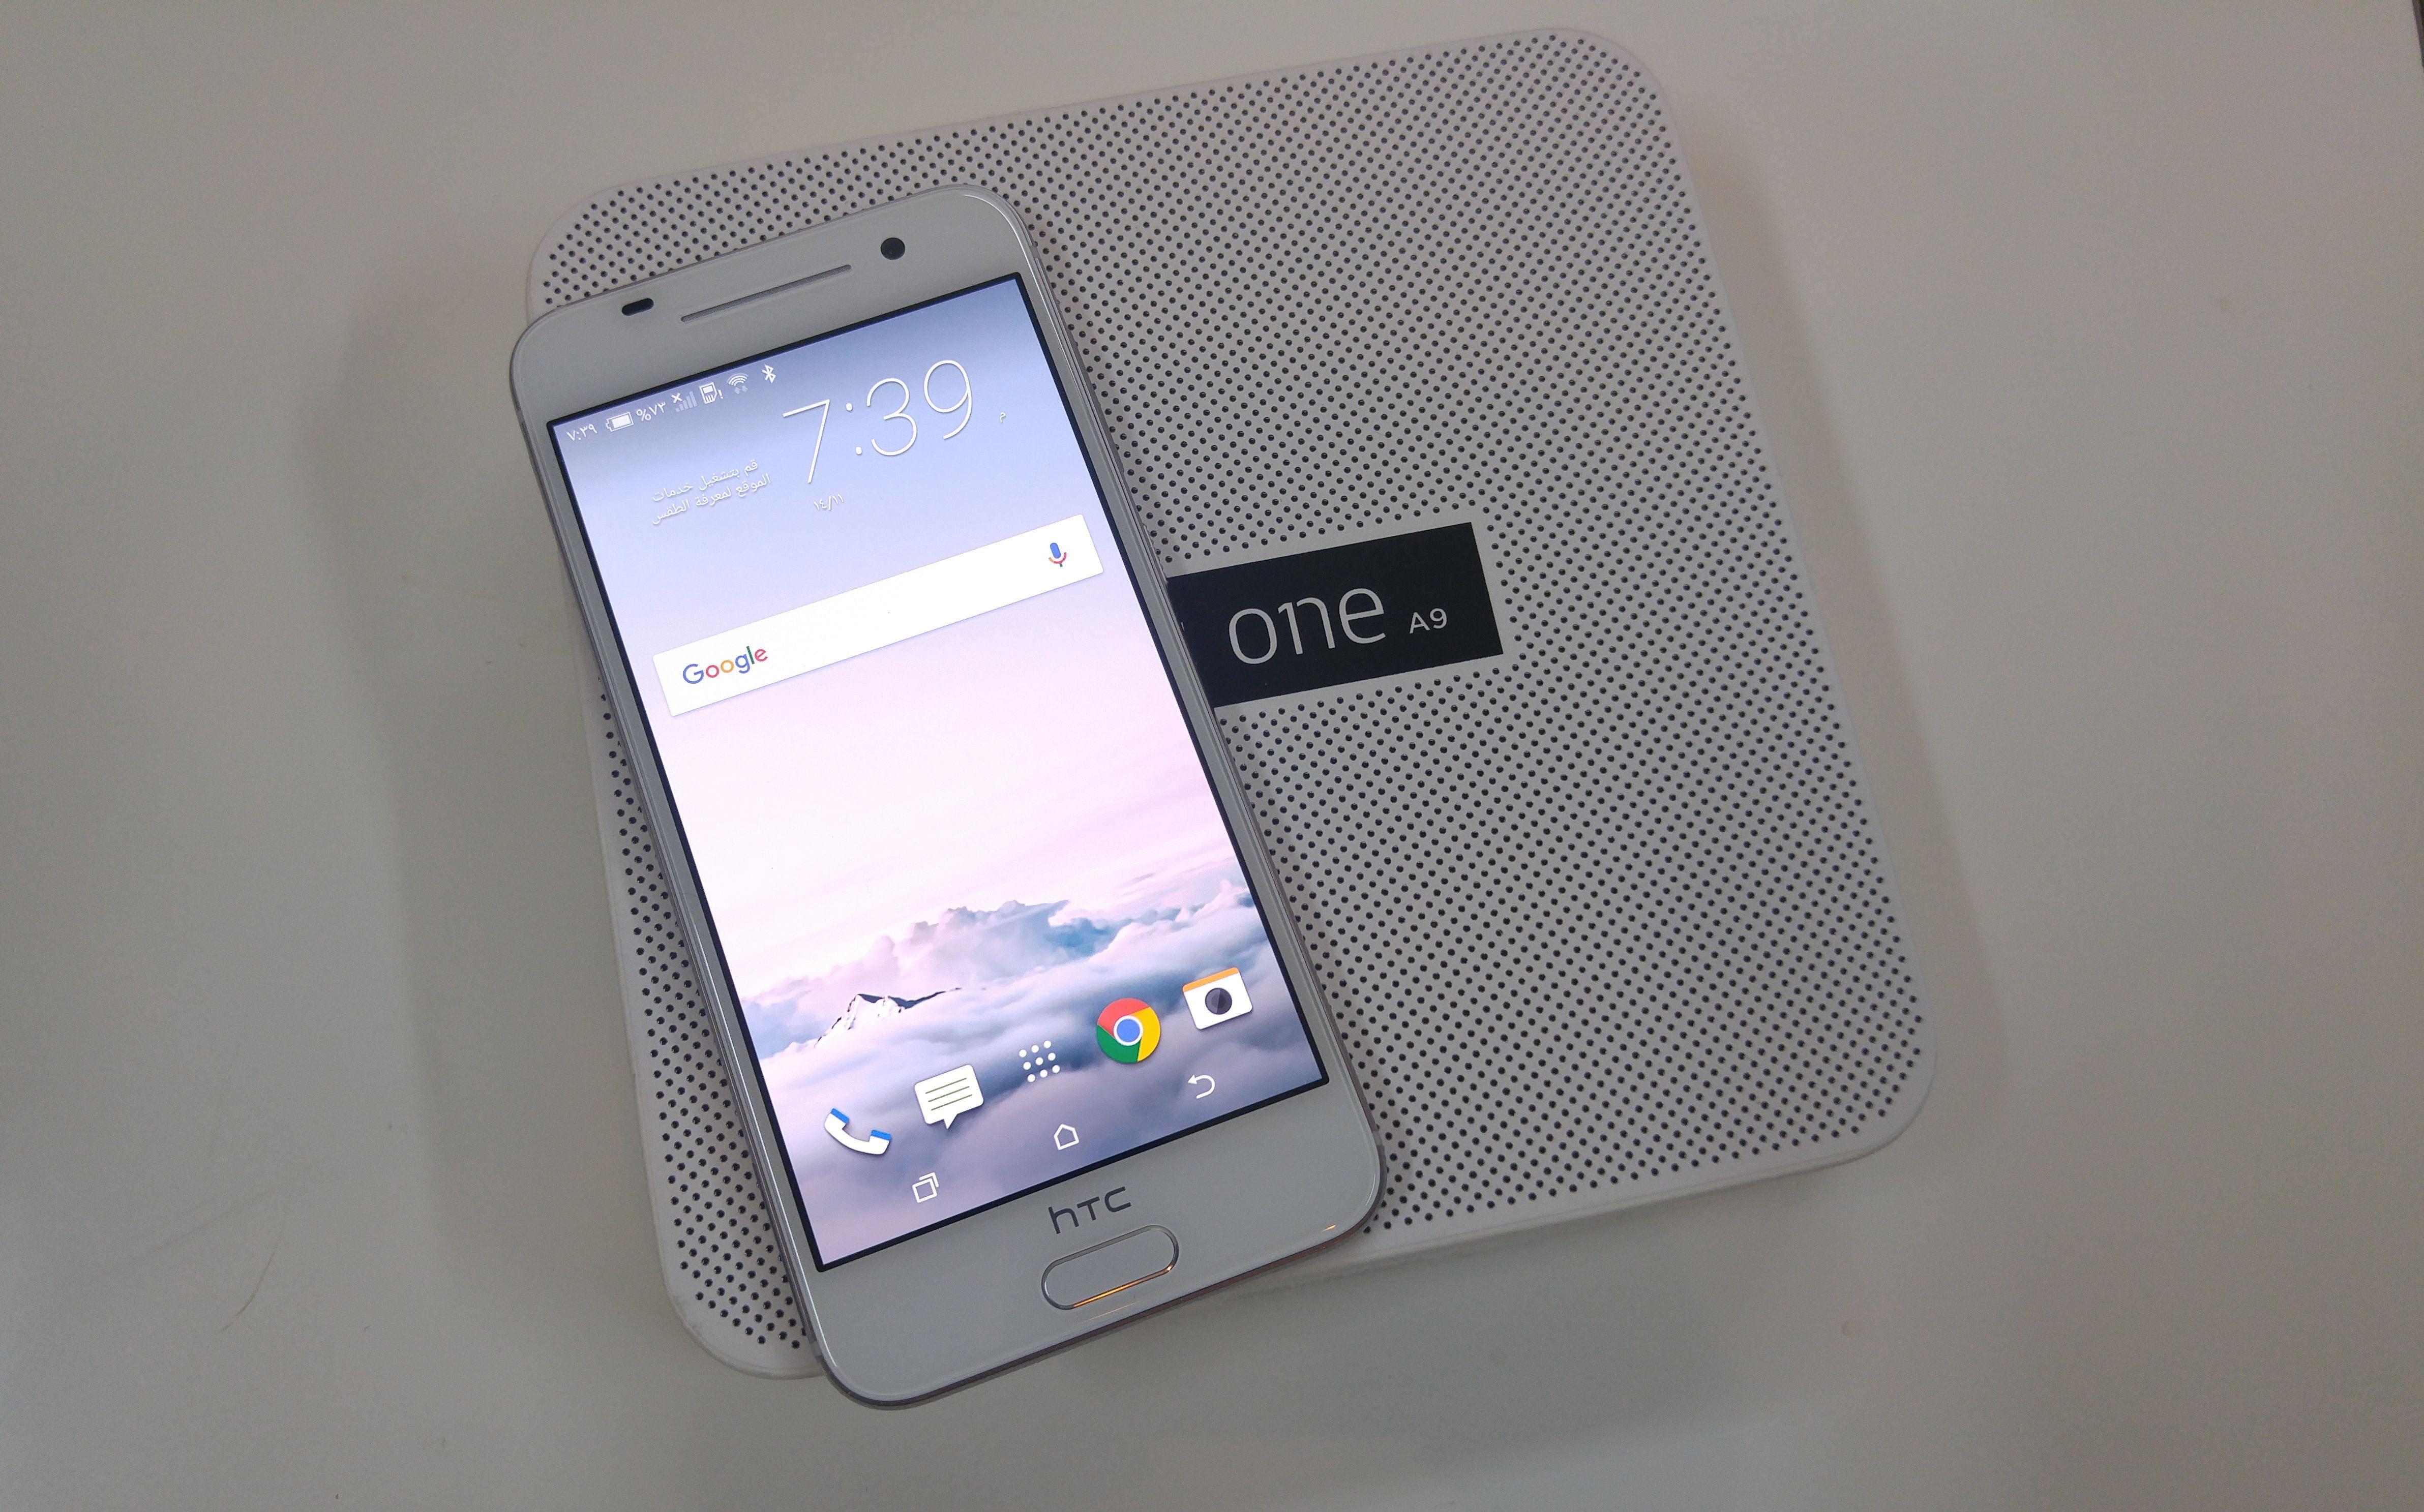 مراجعة هاتف HTC ONE A9  محاولة جيدة للفت الإنتباه